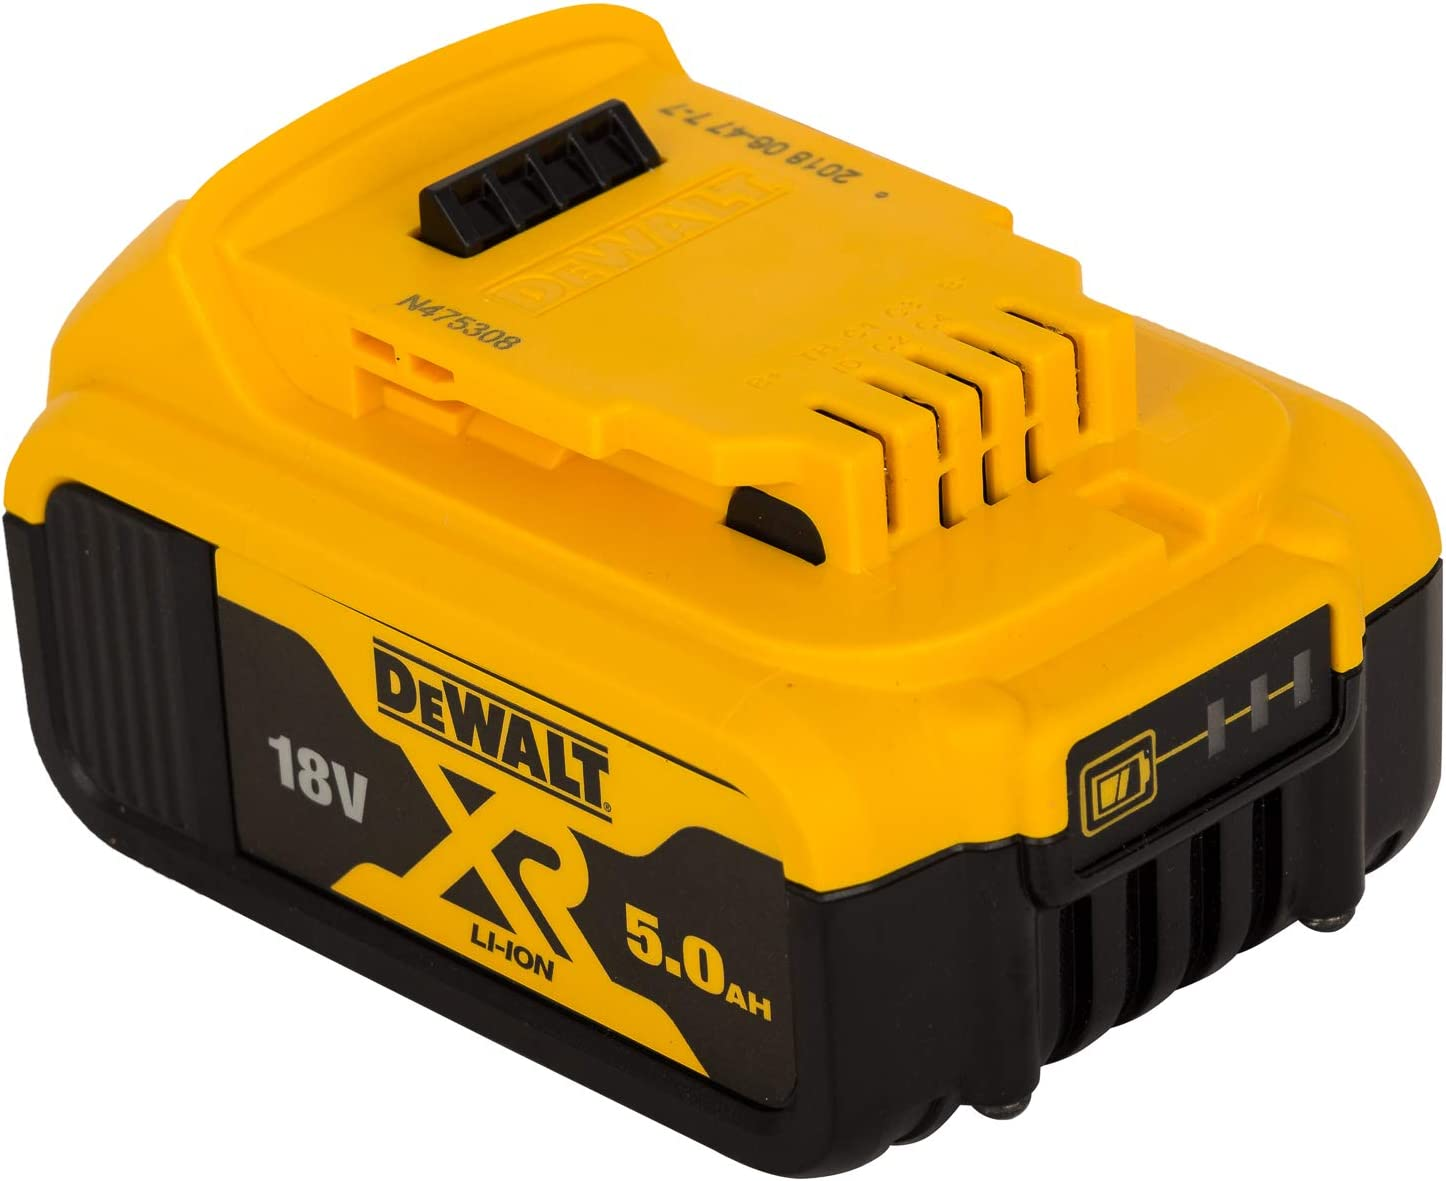 Batería DEWALT DCB184-XJ de Li-on XR 18V de 5Ah con sistema de carril que proporciona una sujeción más segura a la herramienta